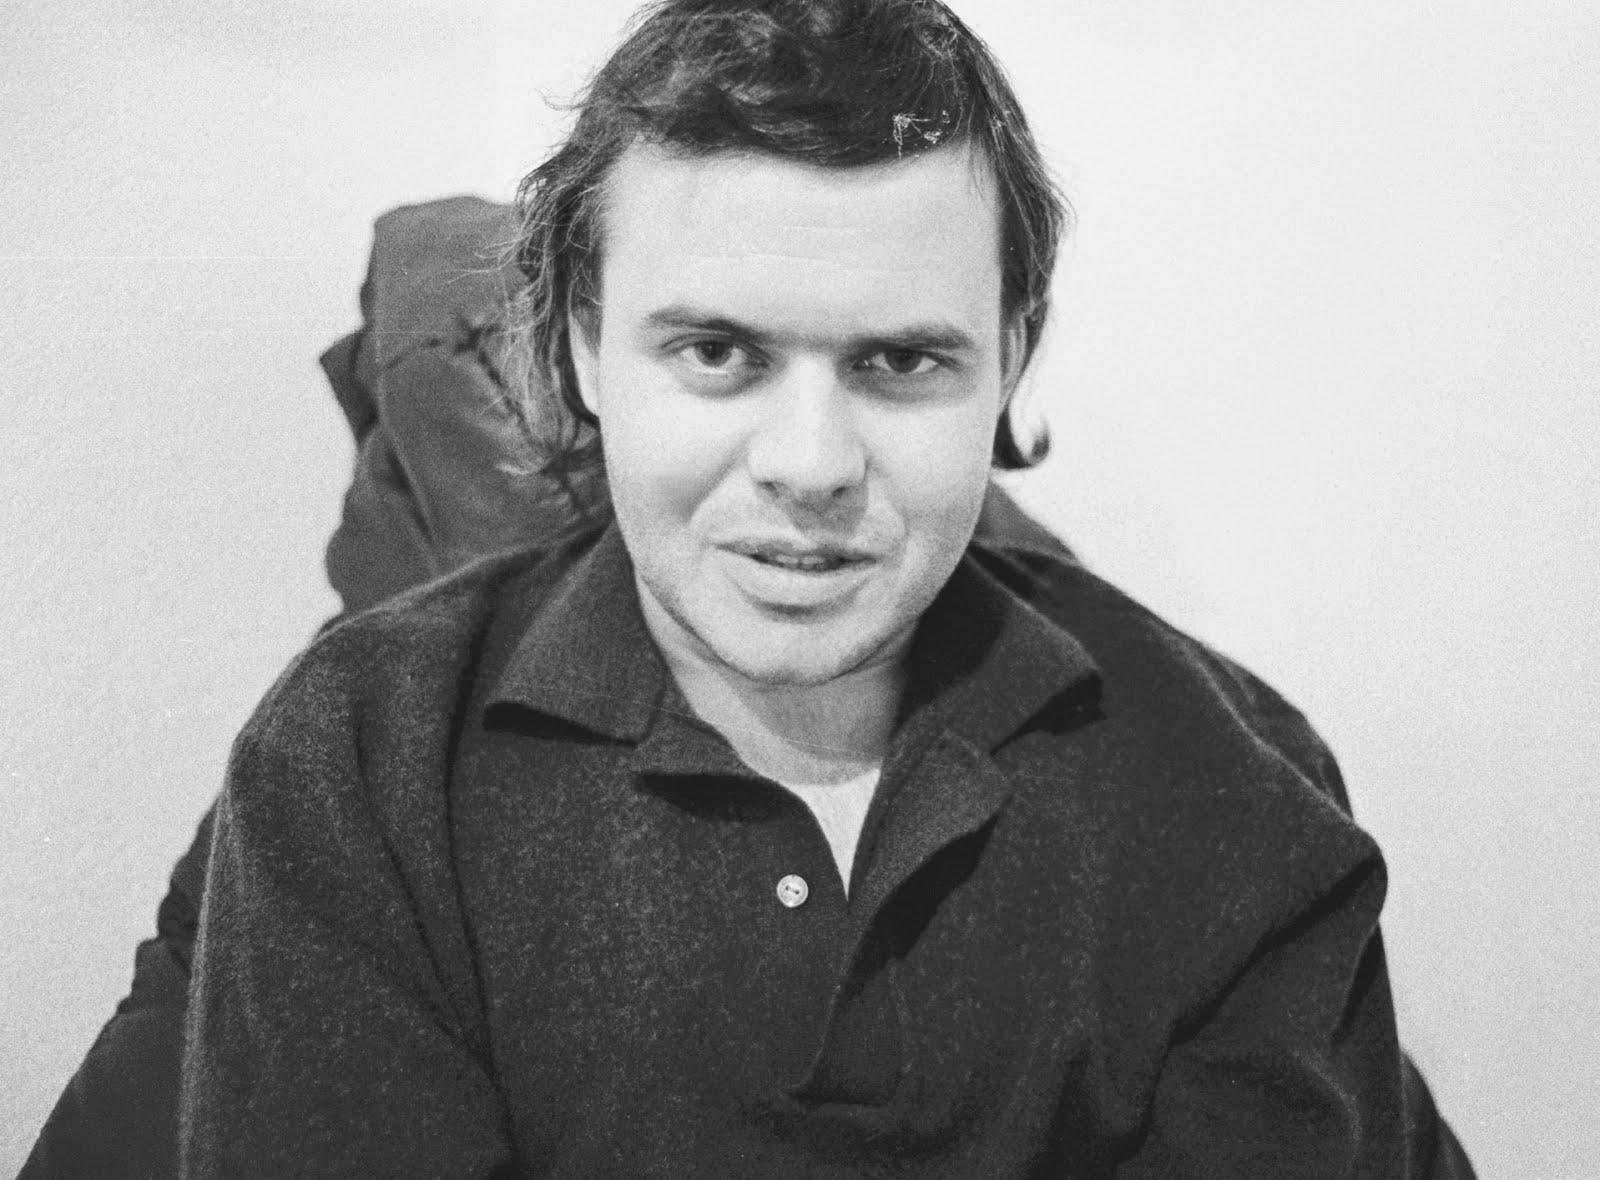 HR Giger, der Grossmeister des Leinwandhorrors, circa 1985.